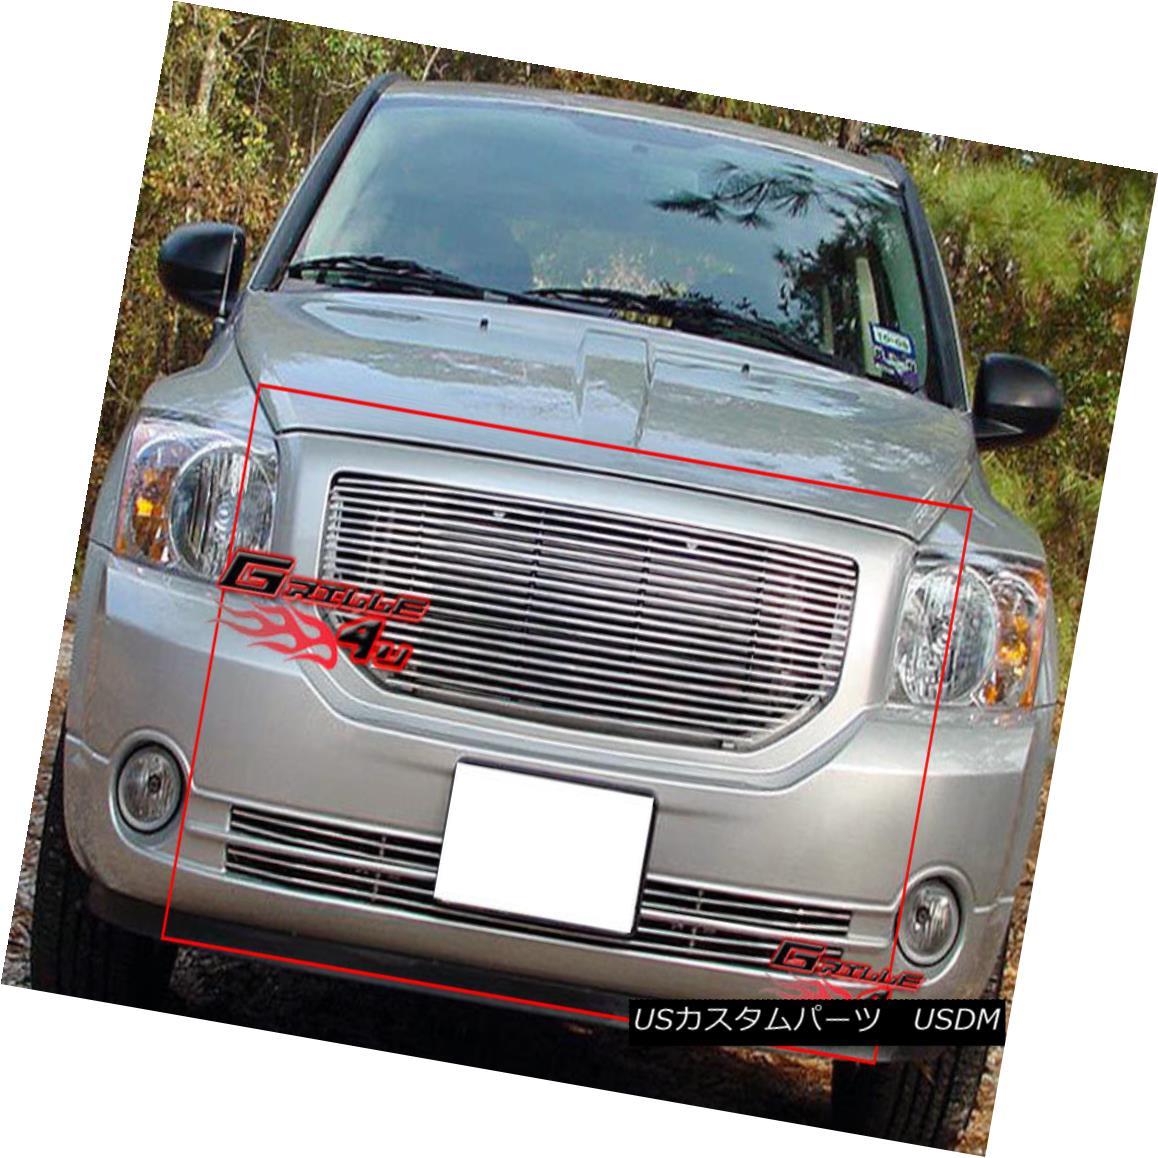 グリル Fits 06-12 2011 2012 Dodge Caliber Billet Grille Grill Combo insert フィット2012年6月12日2012ダッジキャリバービレットグリルグリルコンボインサート